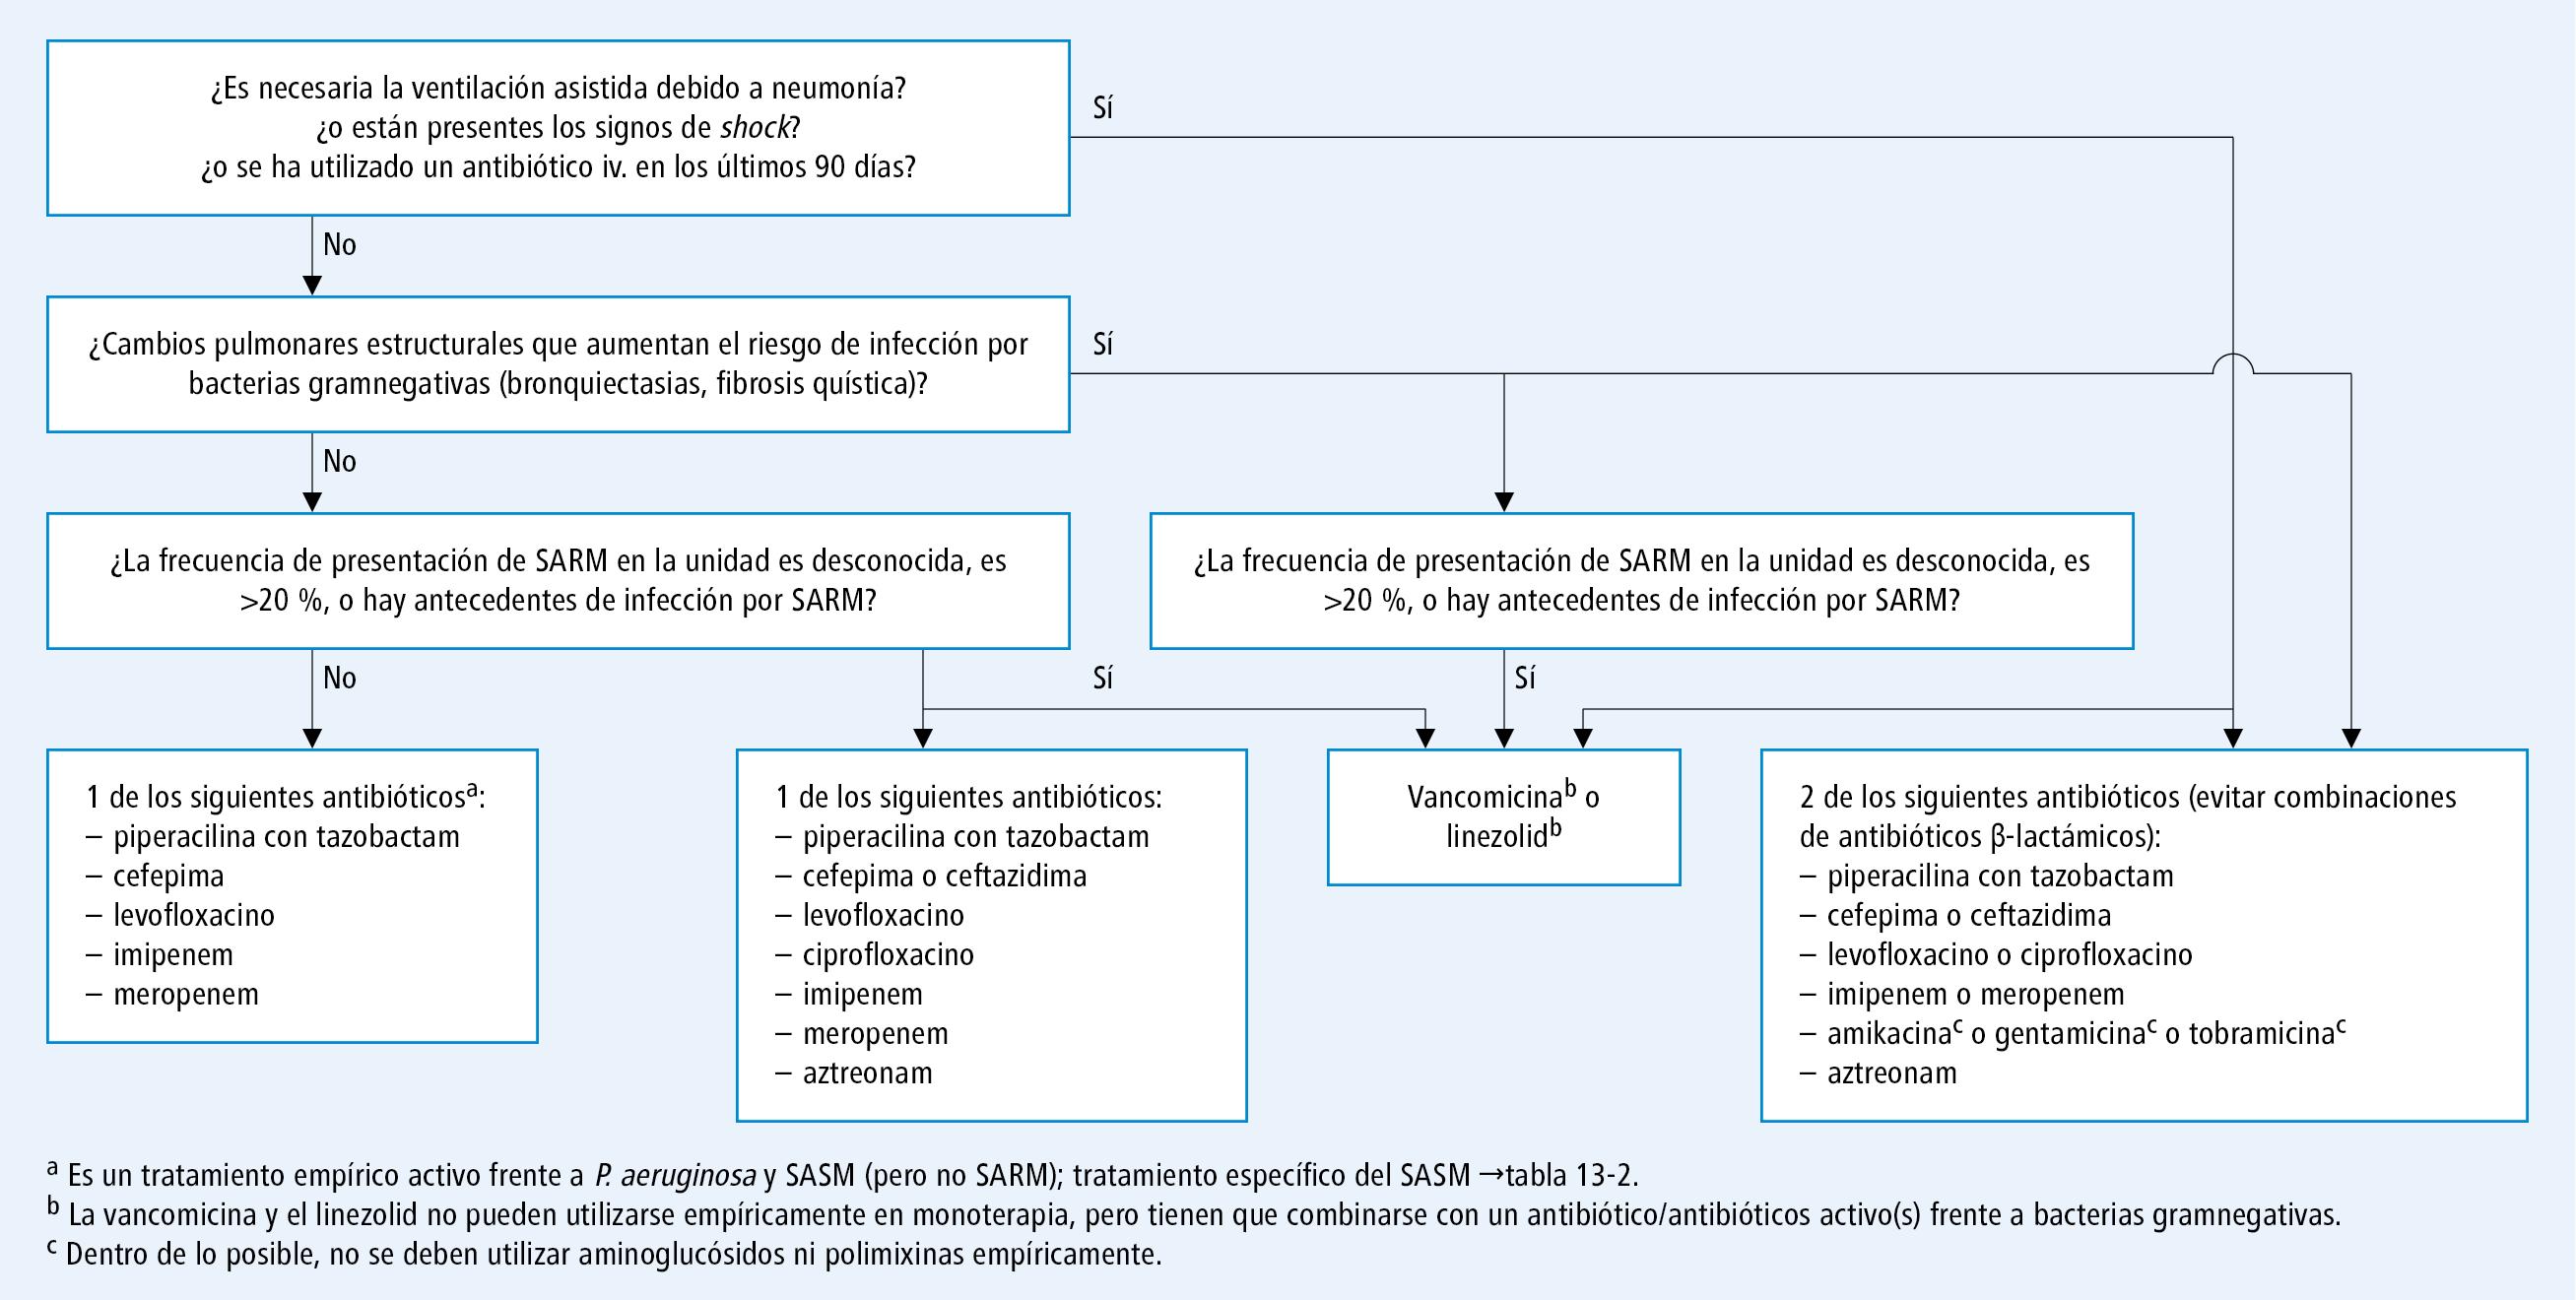 neumonía asociada al ventilador y su prevención de diabetes